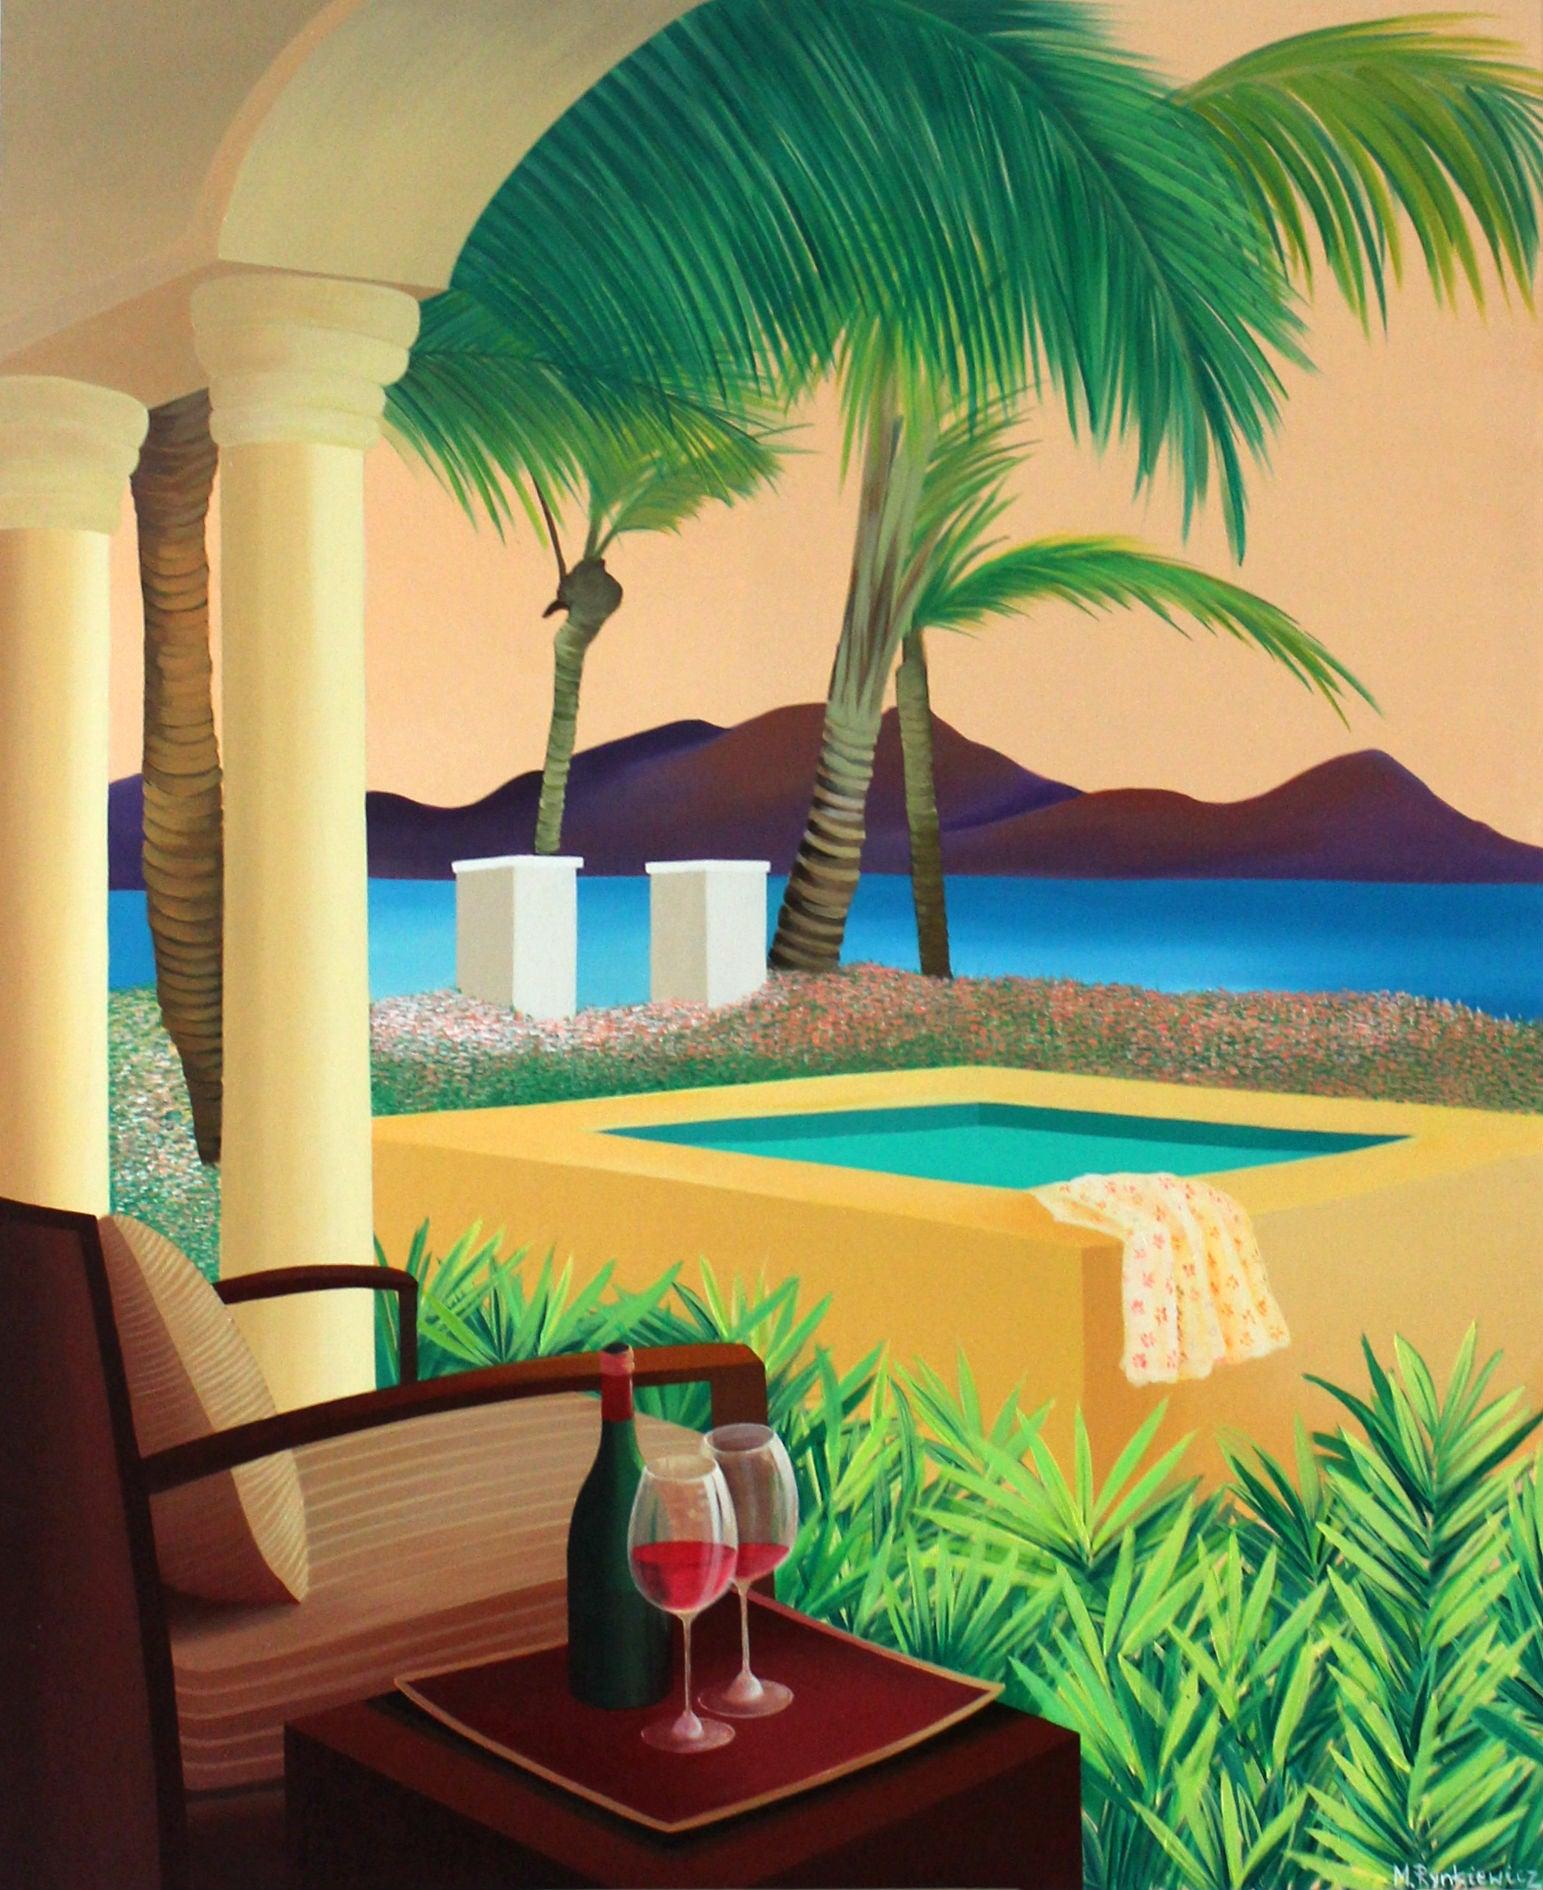 Finally, vacation - XXI Century, Contemporary Acrylic Painting